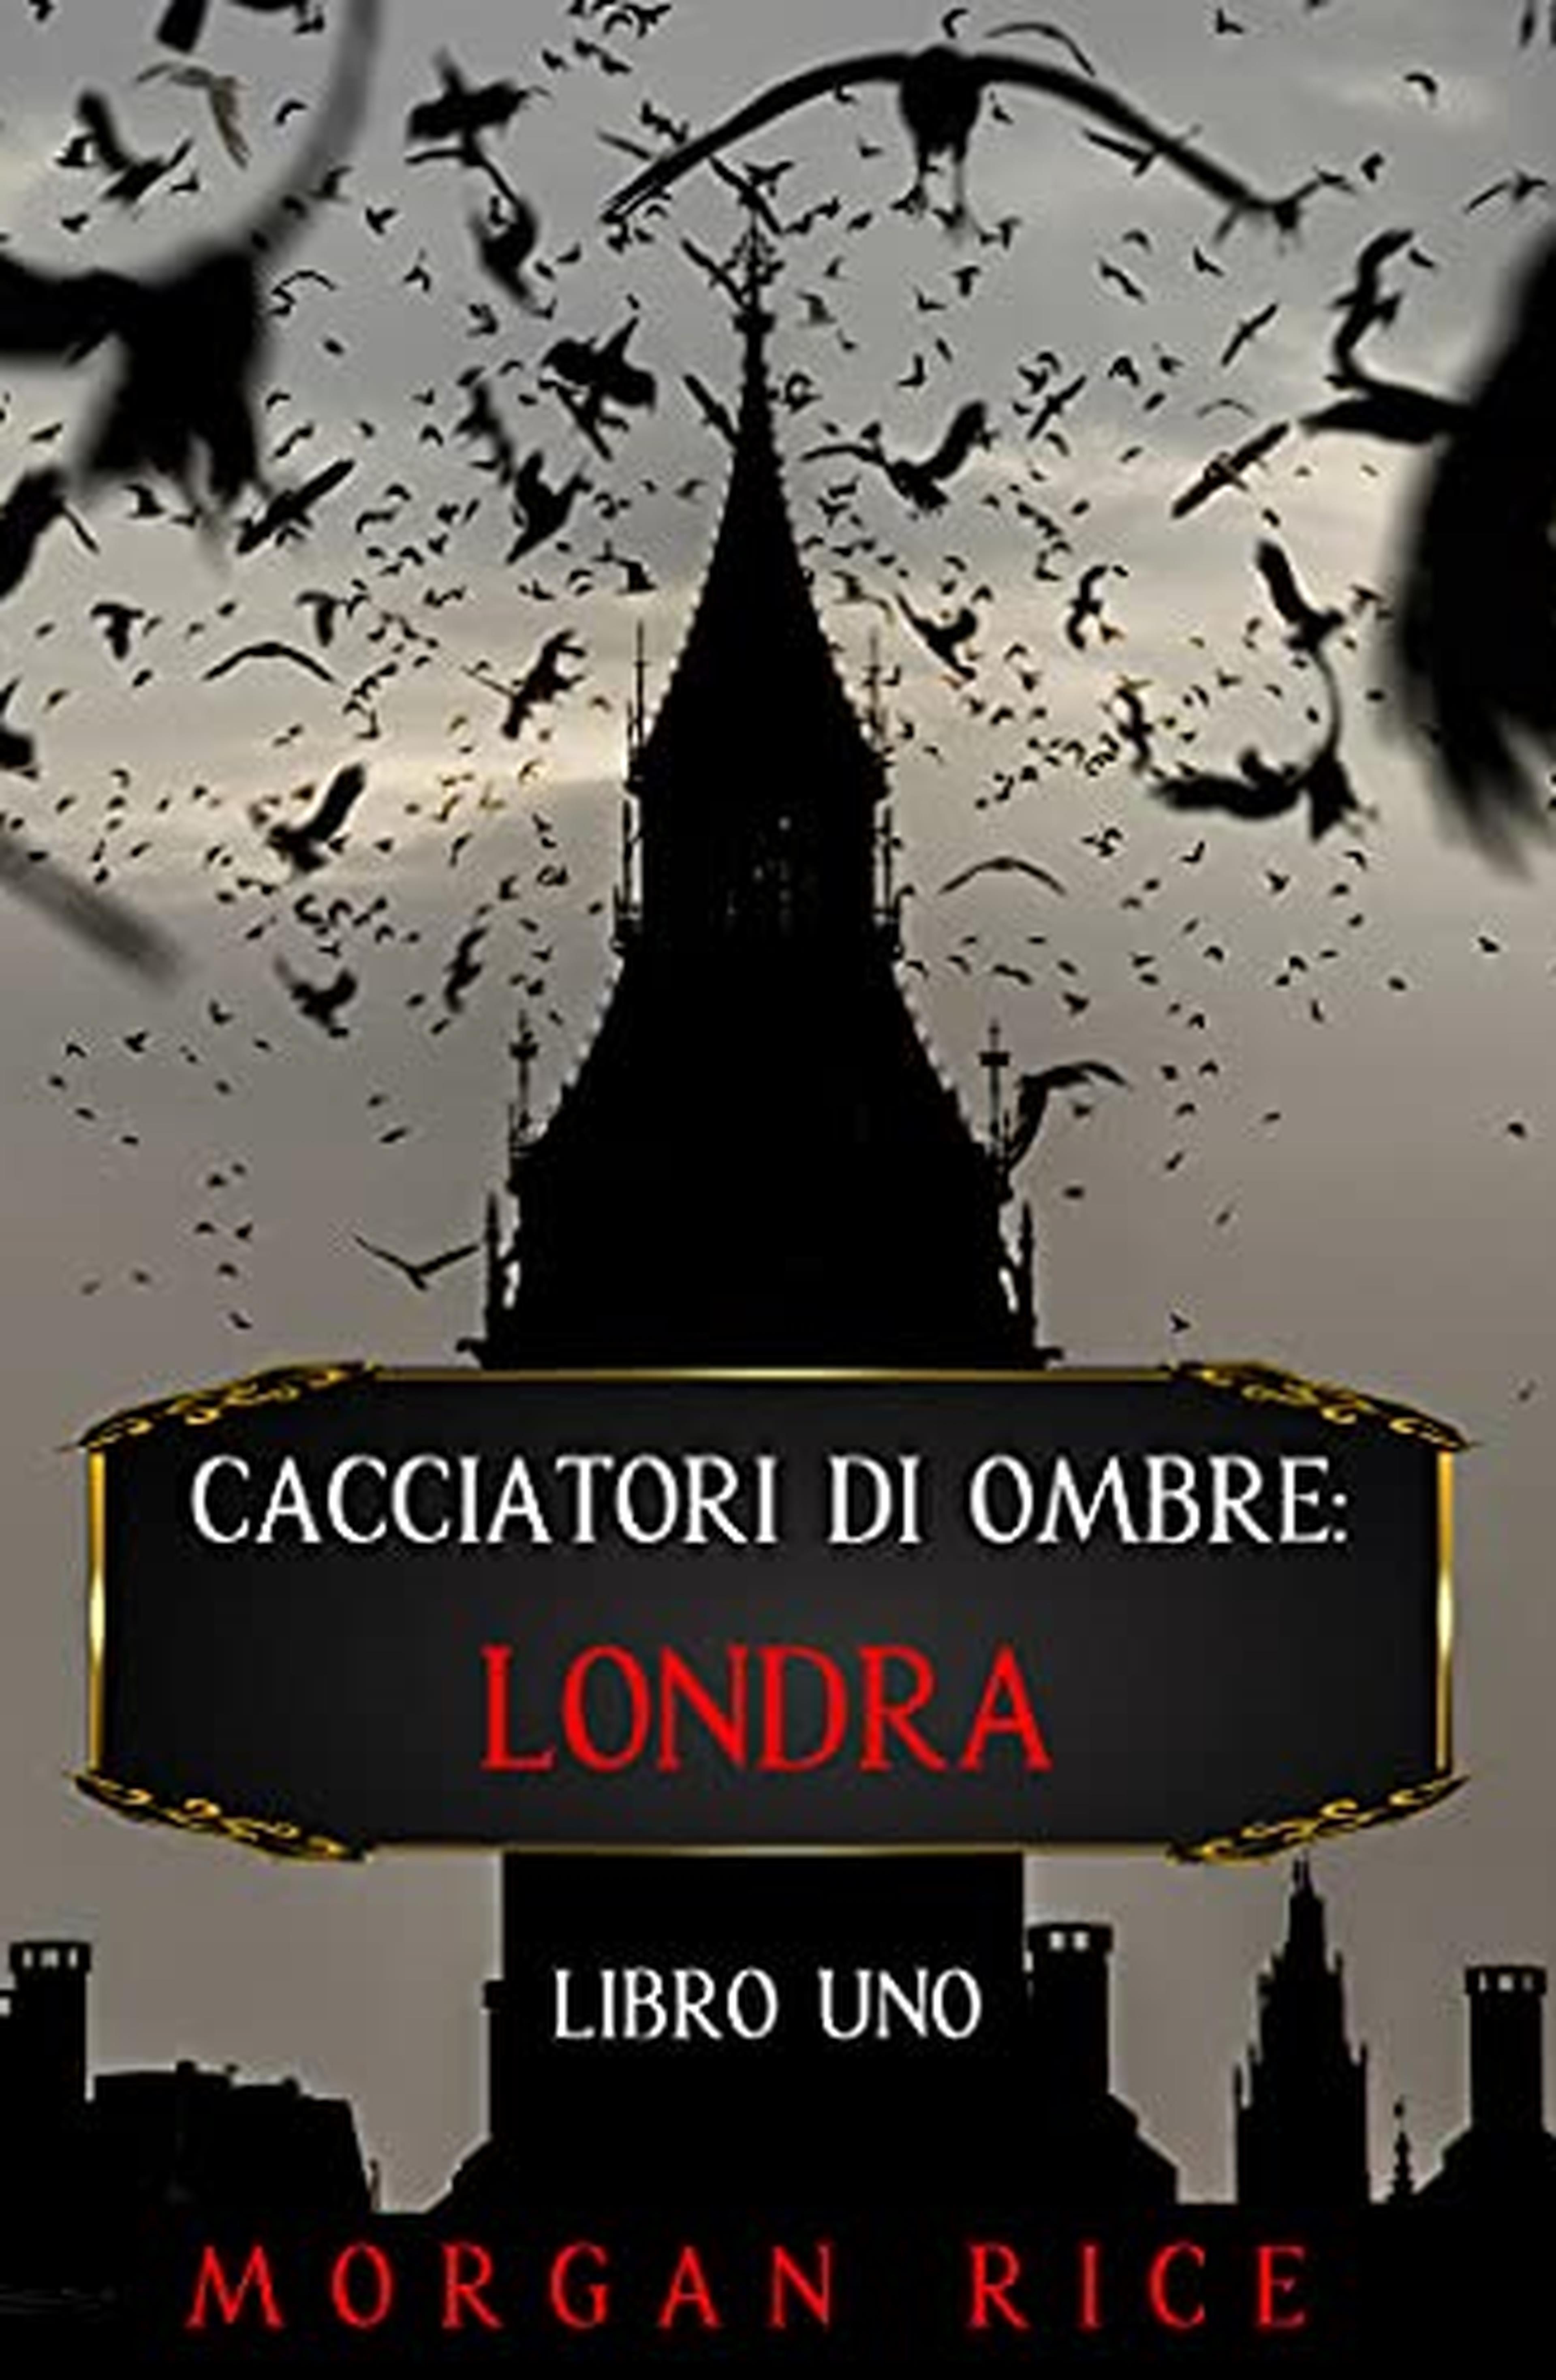 Cacciatori di Ombre: Londra (Libro Uno)